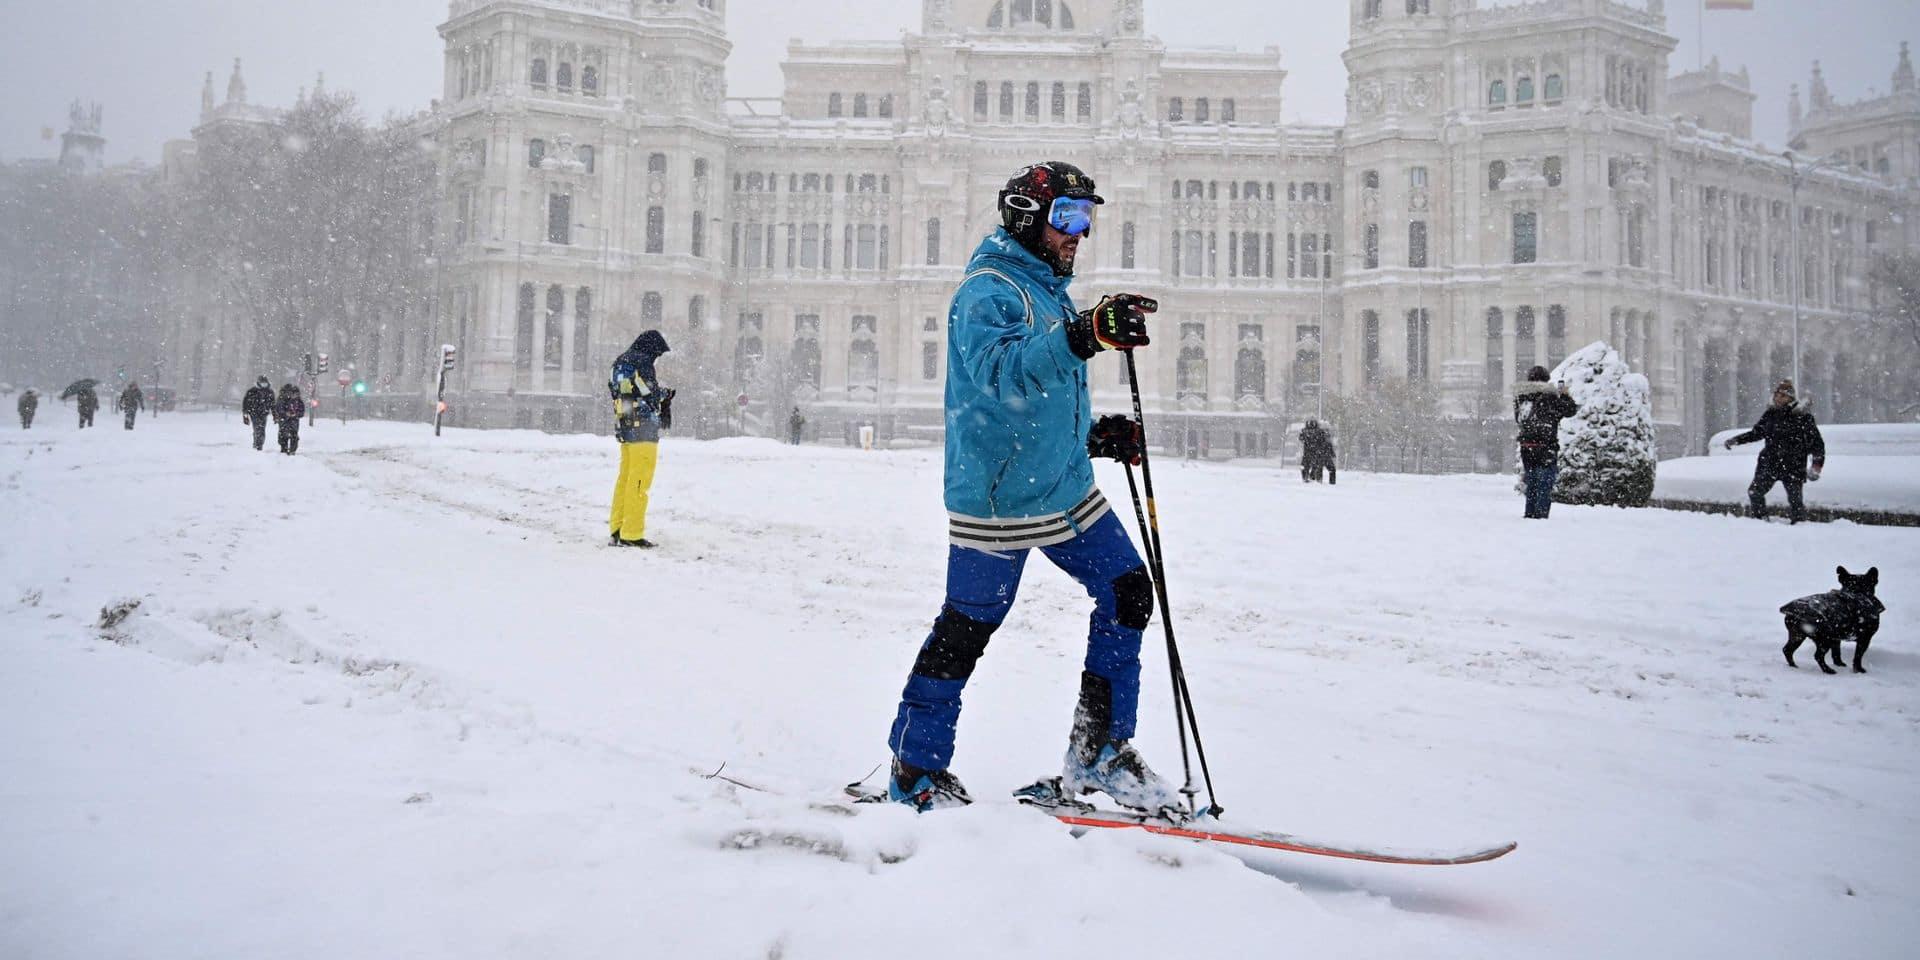 Une tempête de neige sème le chaos en Espagne, le pire attendu ce samedi